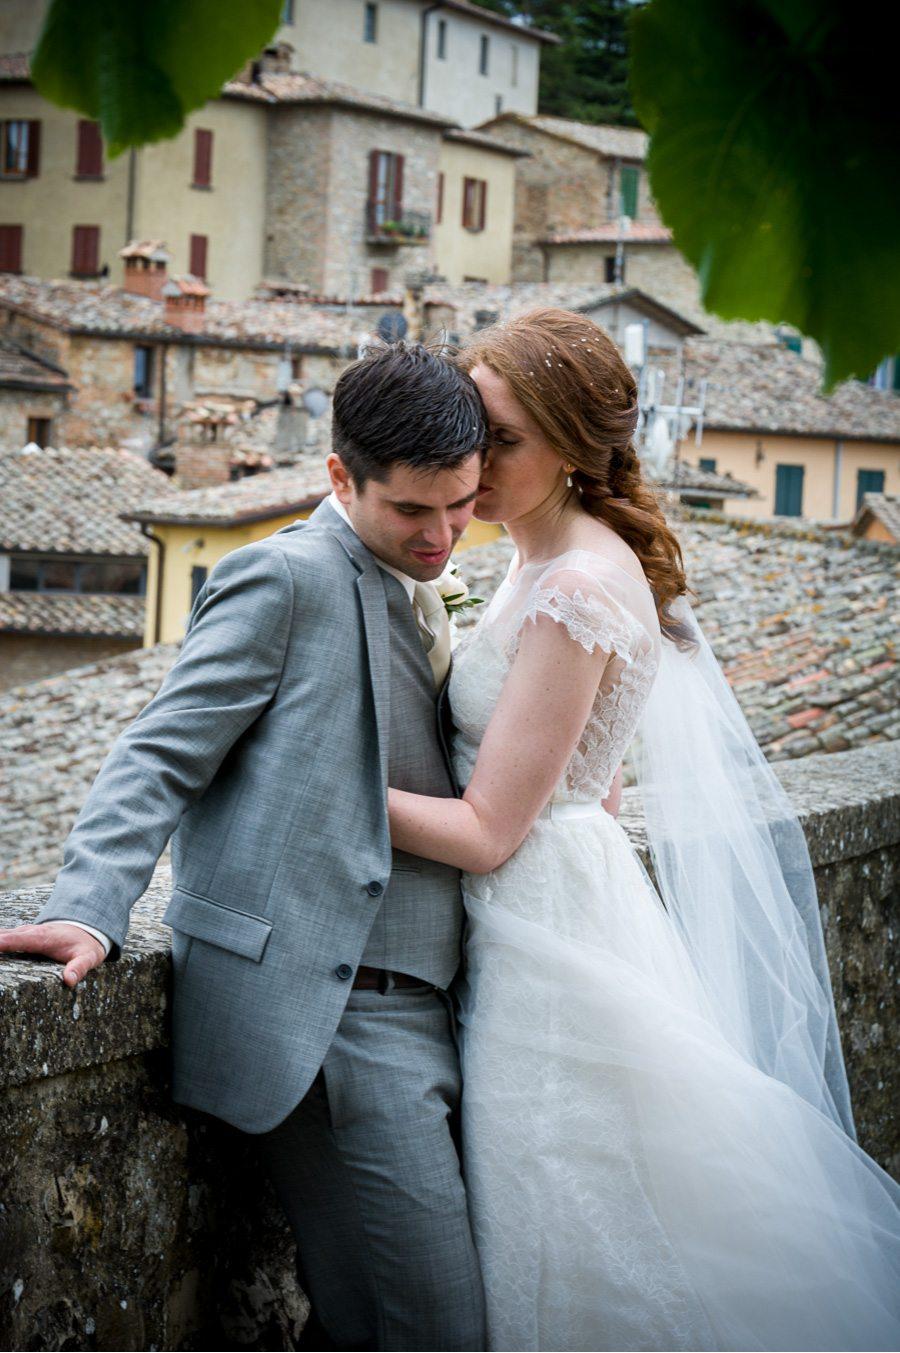 Wedding in Umbria – Jessica and Craig